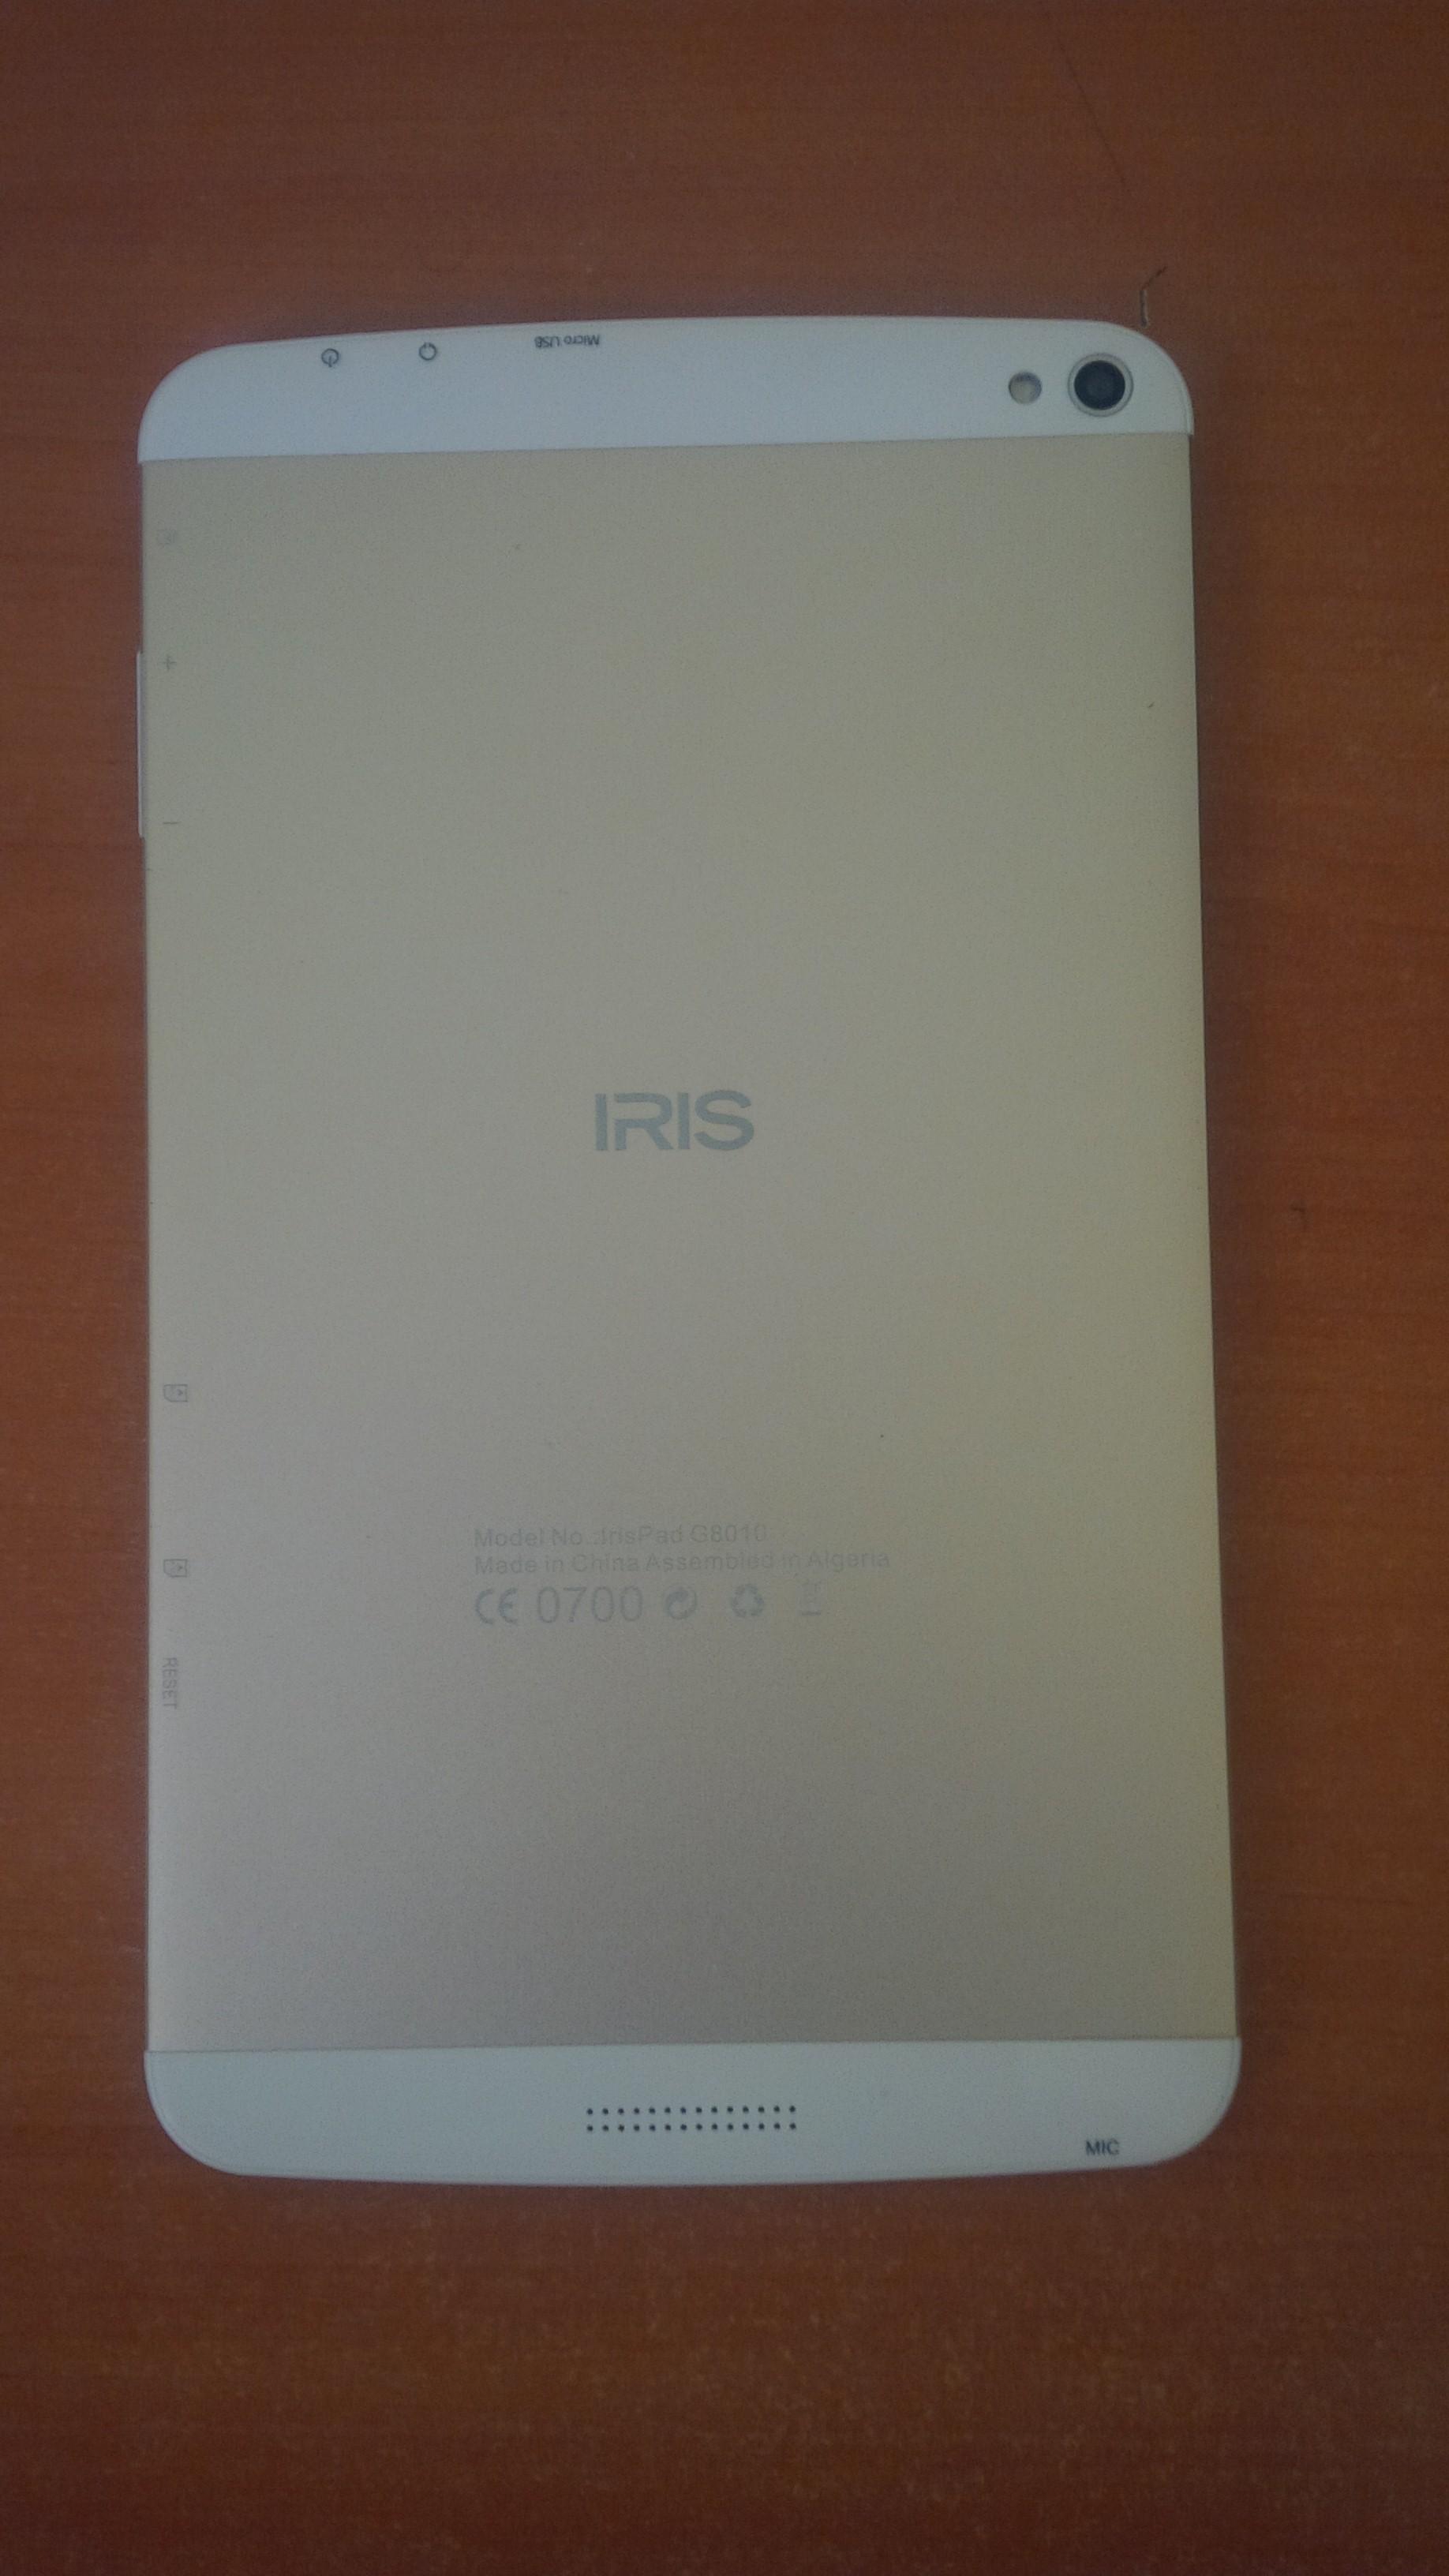 مساعدة في ما يخص Tablette Irispad G8010